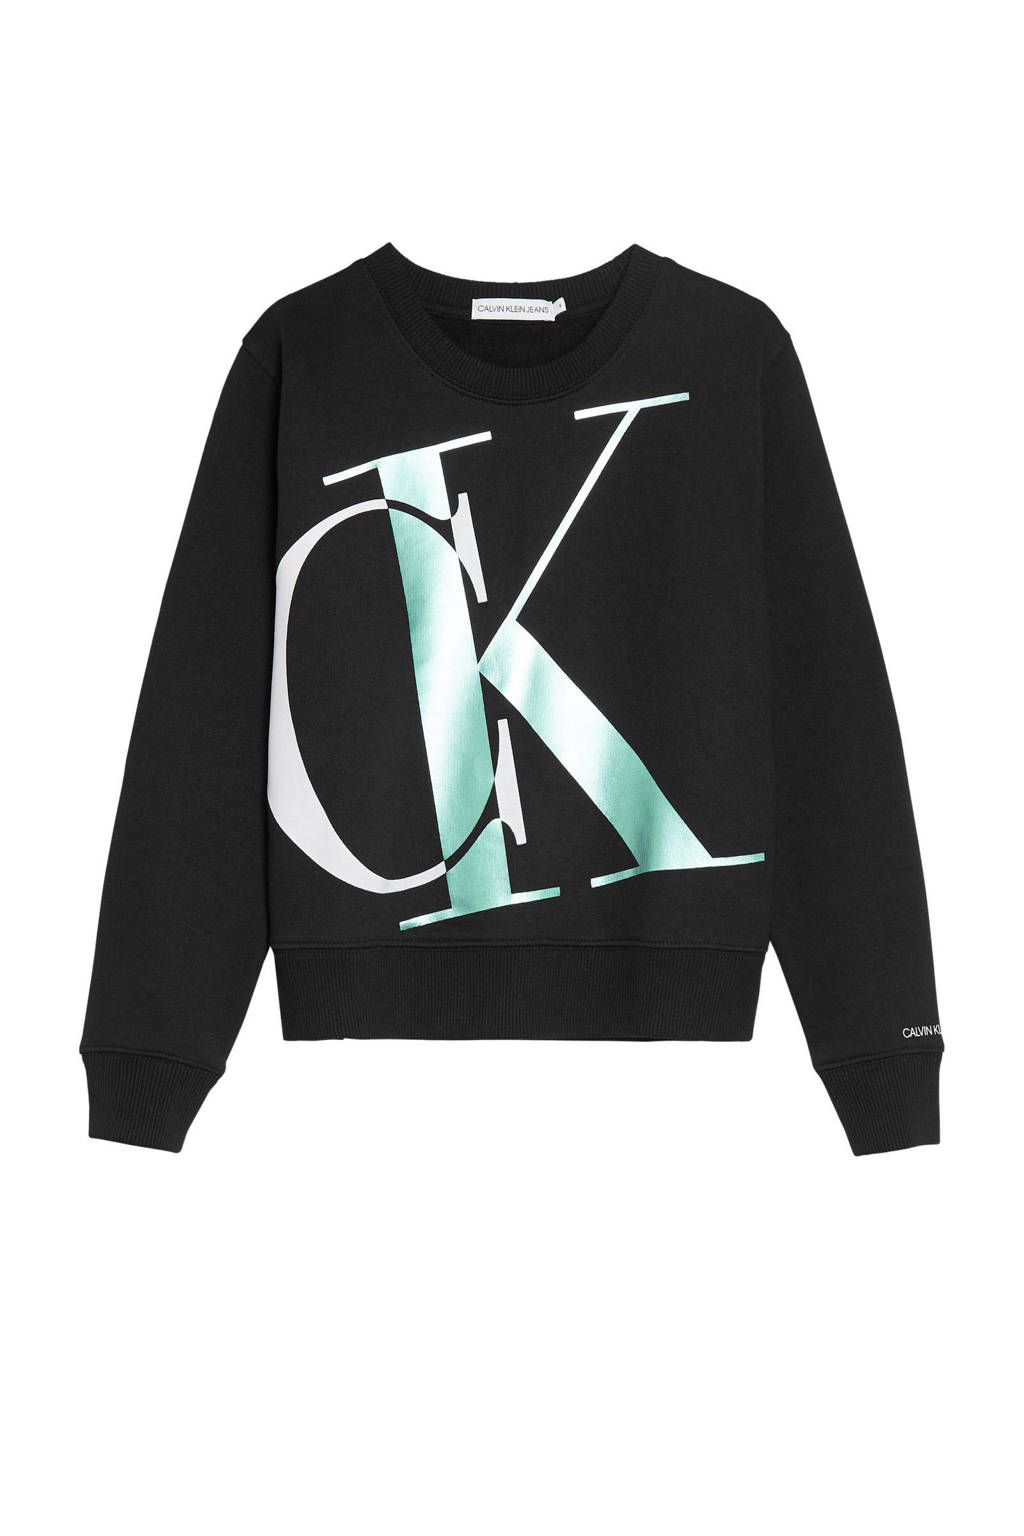 CALVIN KLEIN JEANS sweater met logo zwart/wit, Zwart/wit